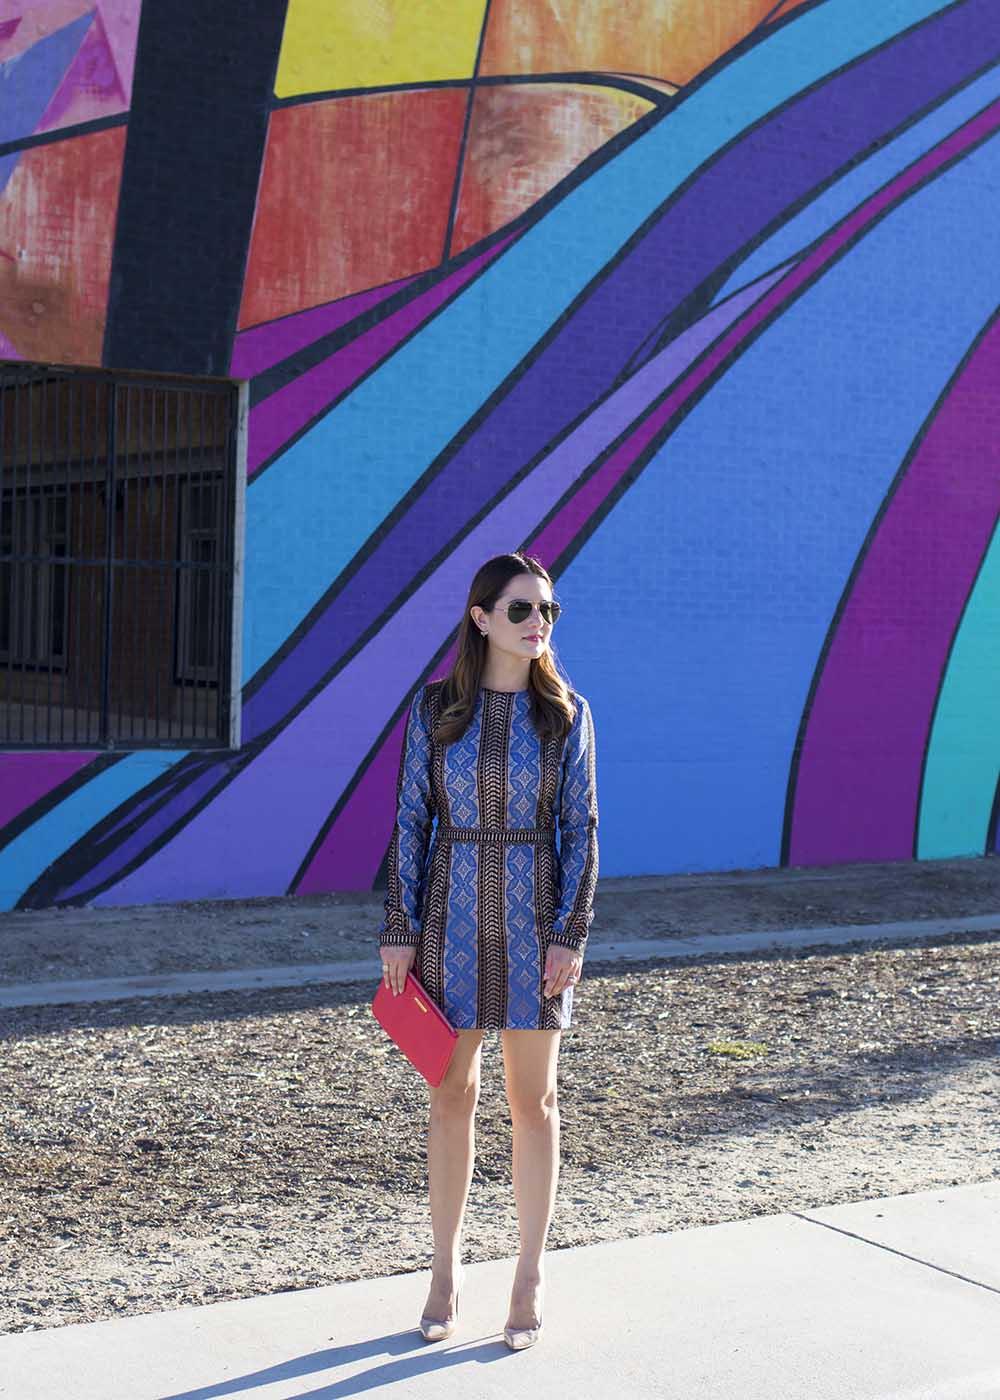 Los Angeles Street Art Mural